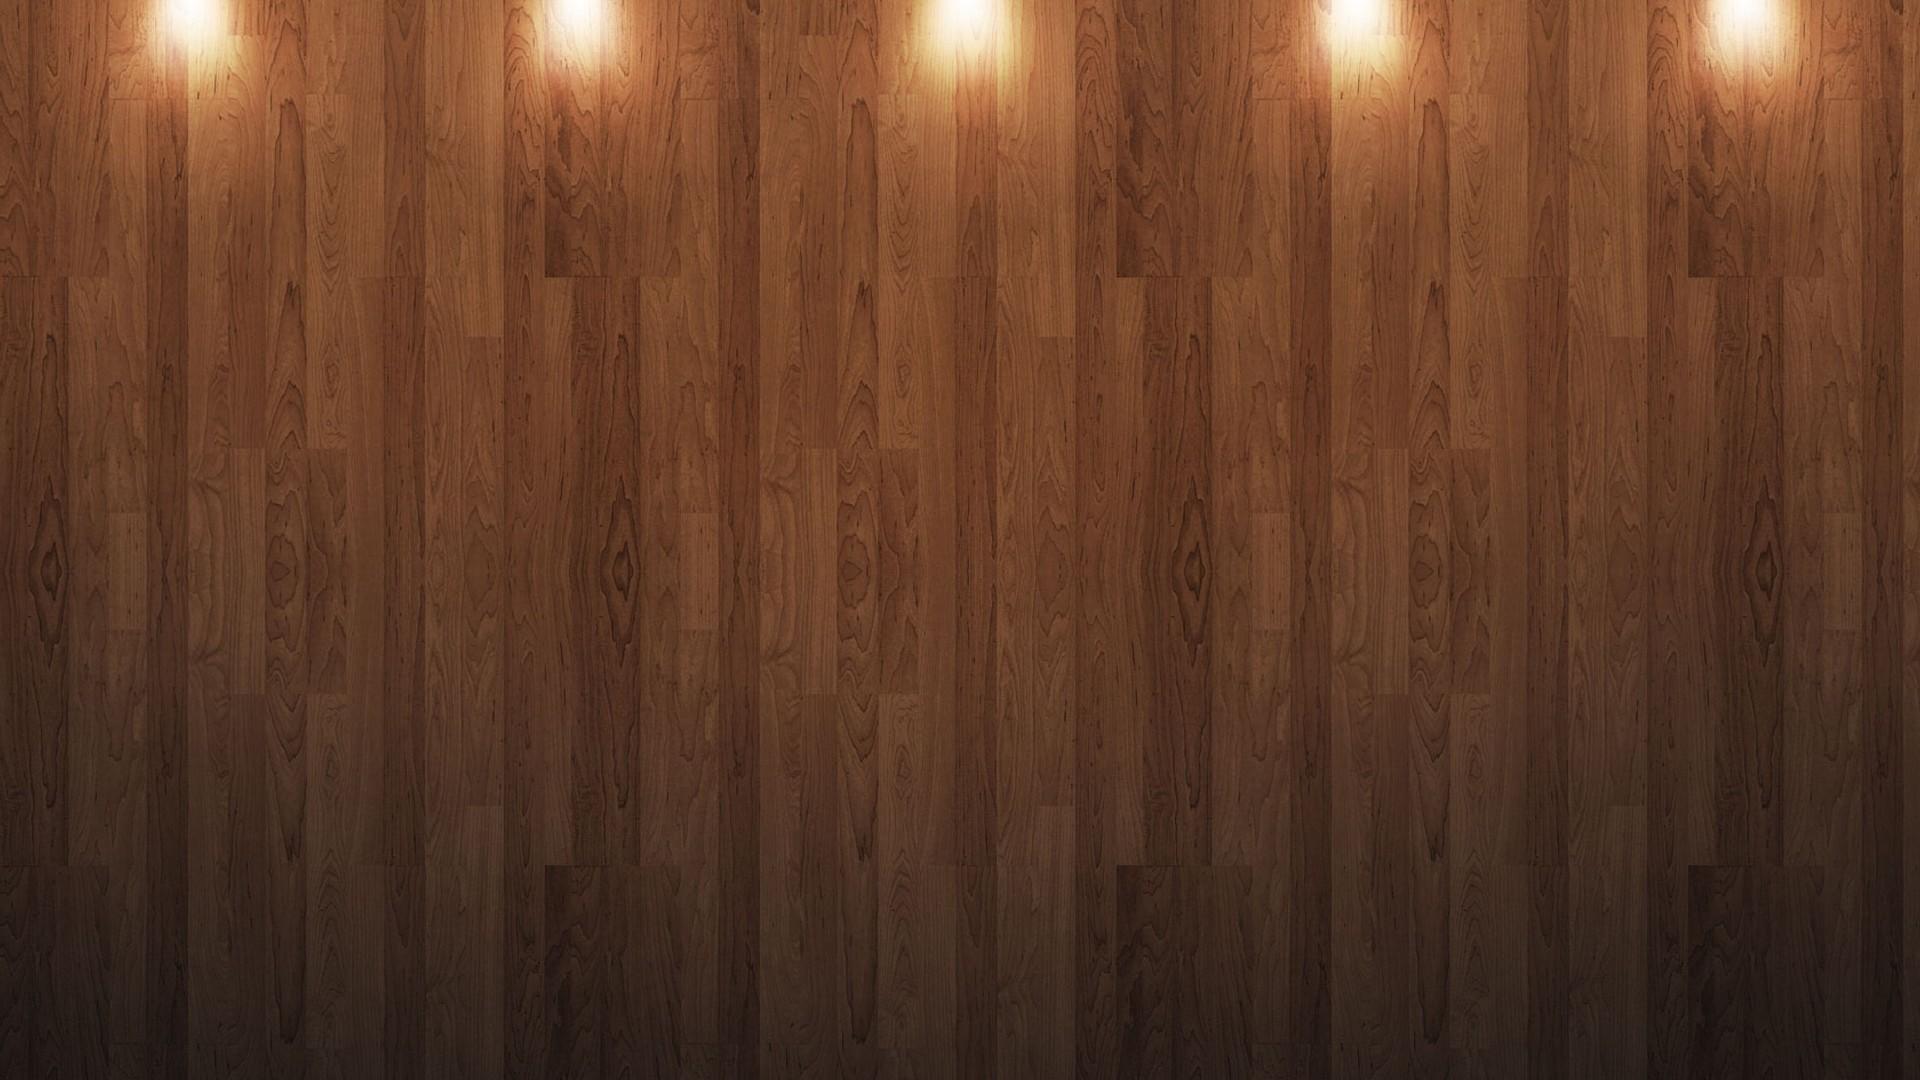 … Wood Floor Background Tumblr